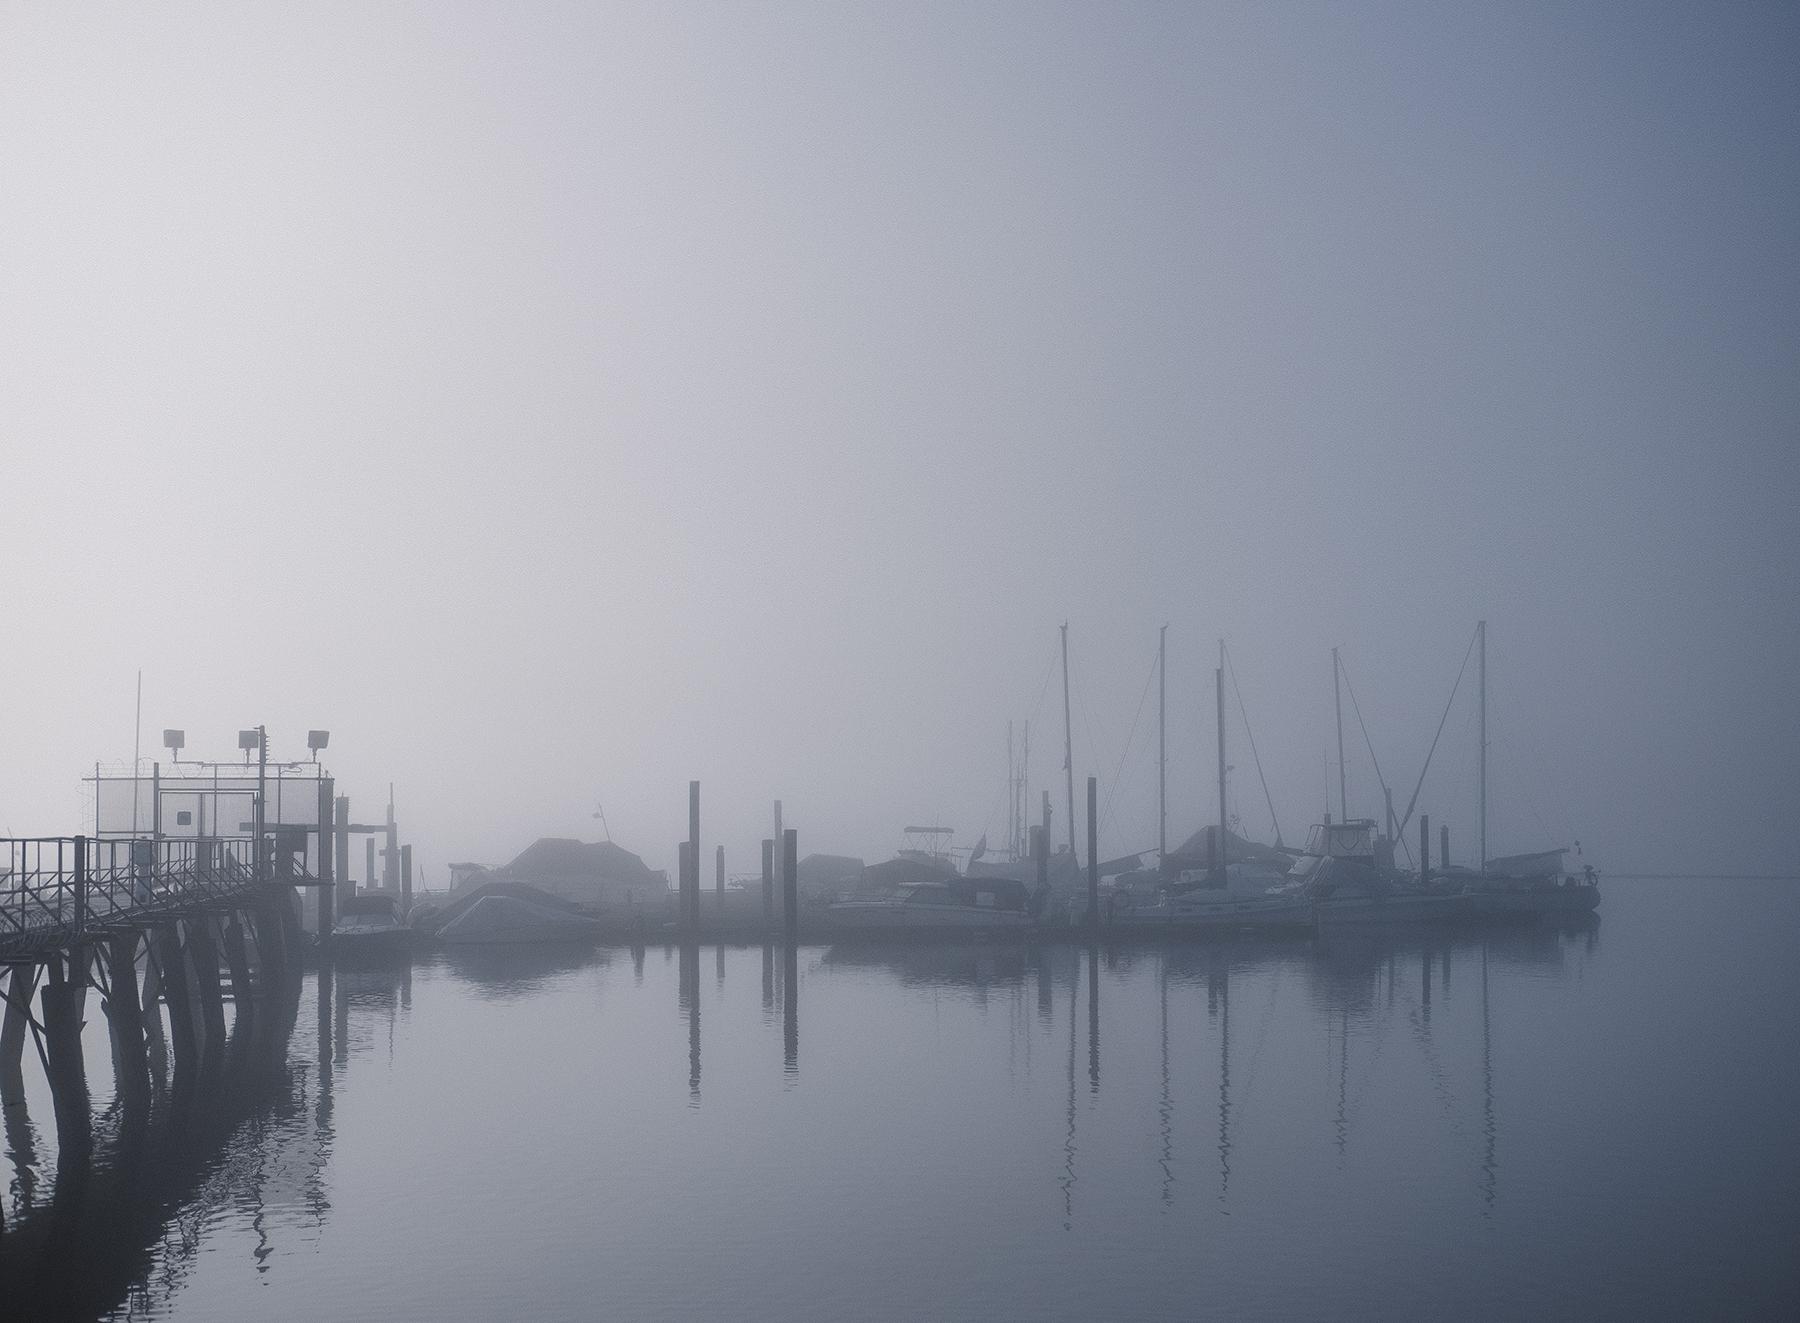 Ioco marina. Port Moody, BC